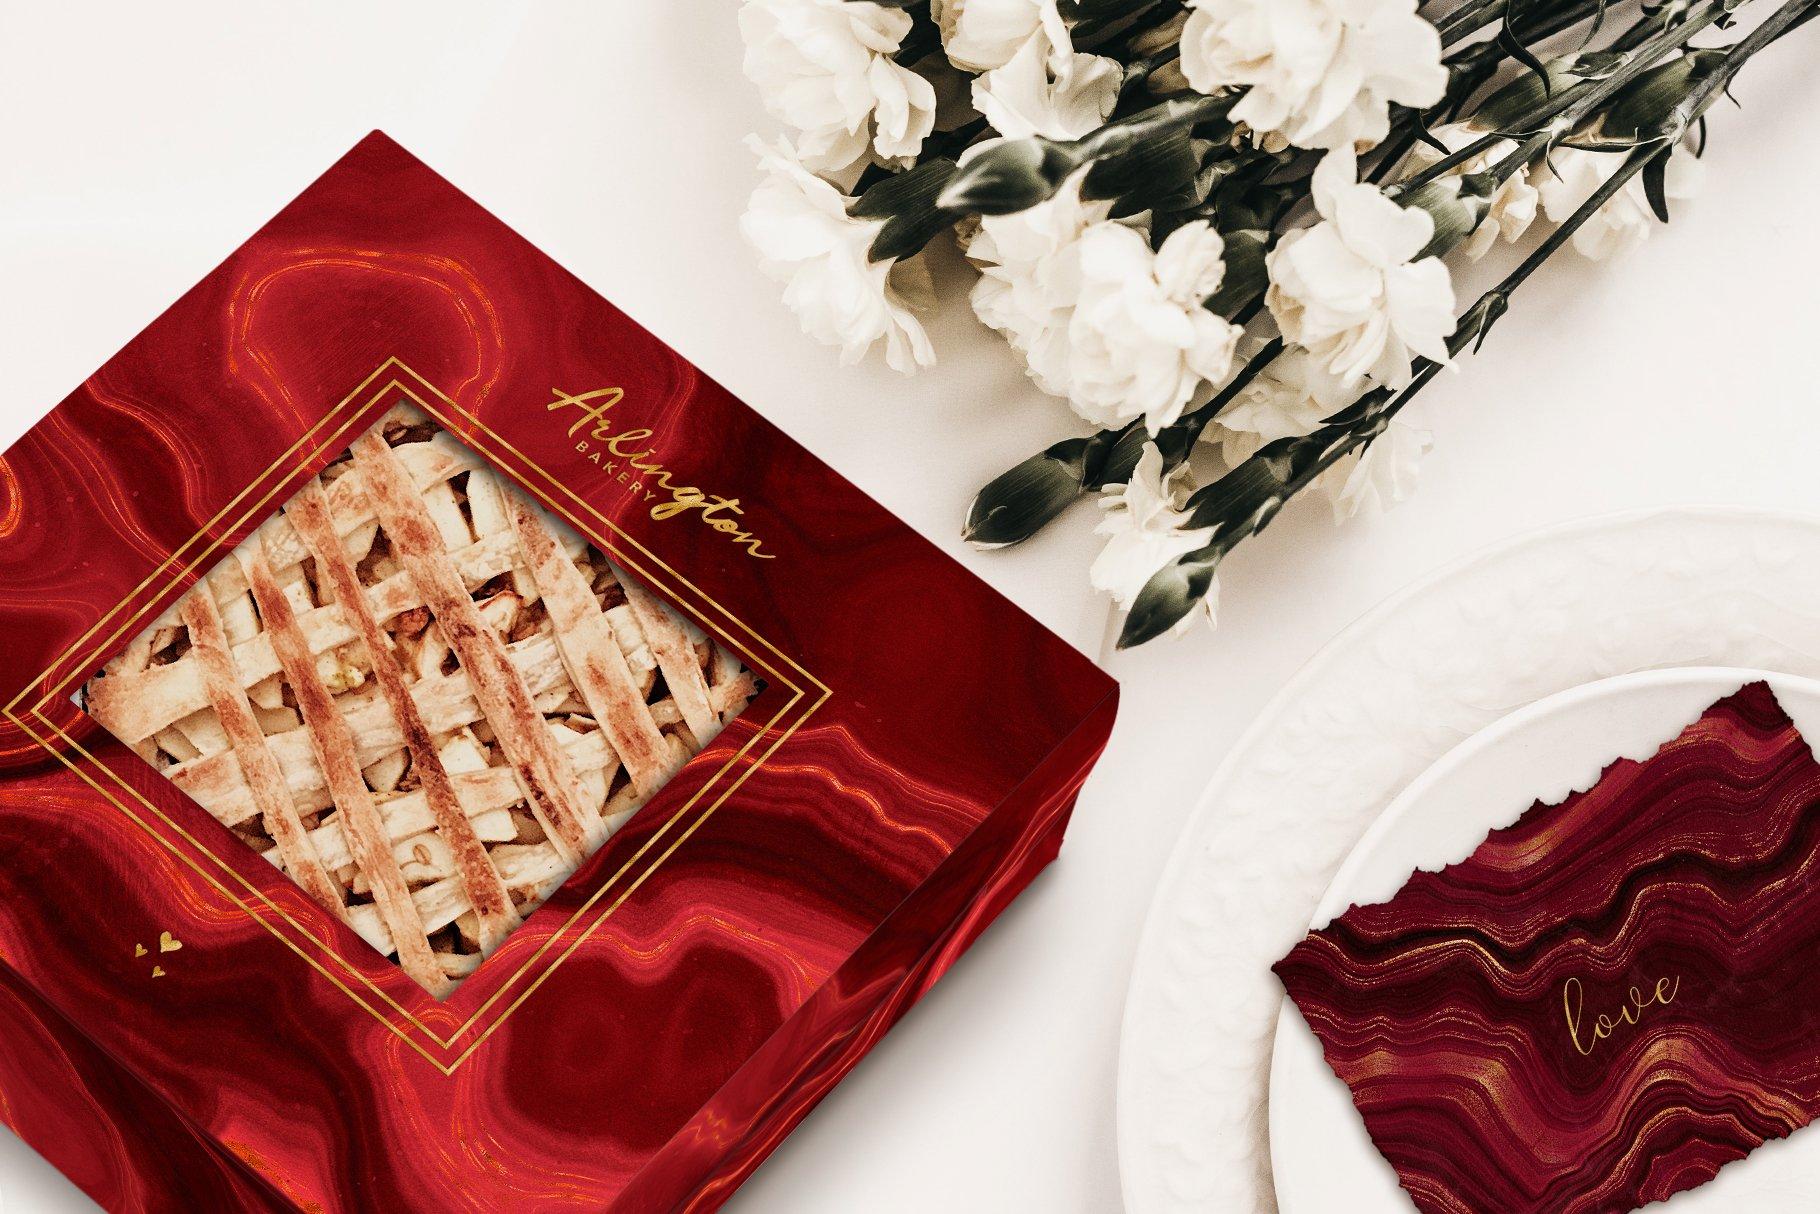 10款抽象奢华红色玛瑙石金箔纸纹理背景图片设计素材 Gold Veined Red Agate Textures插图19